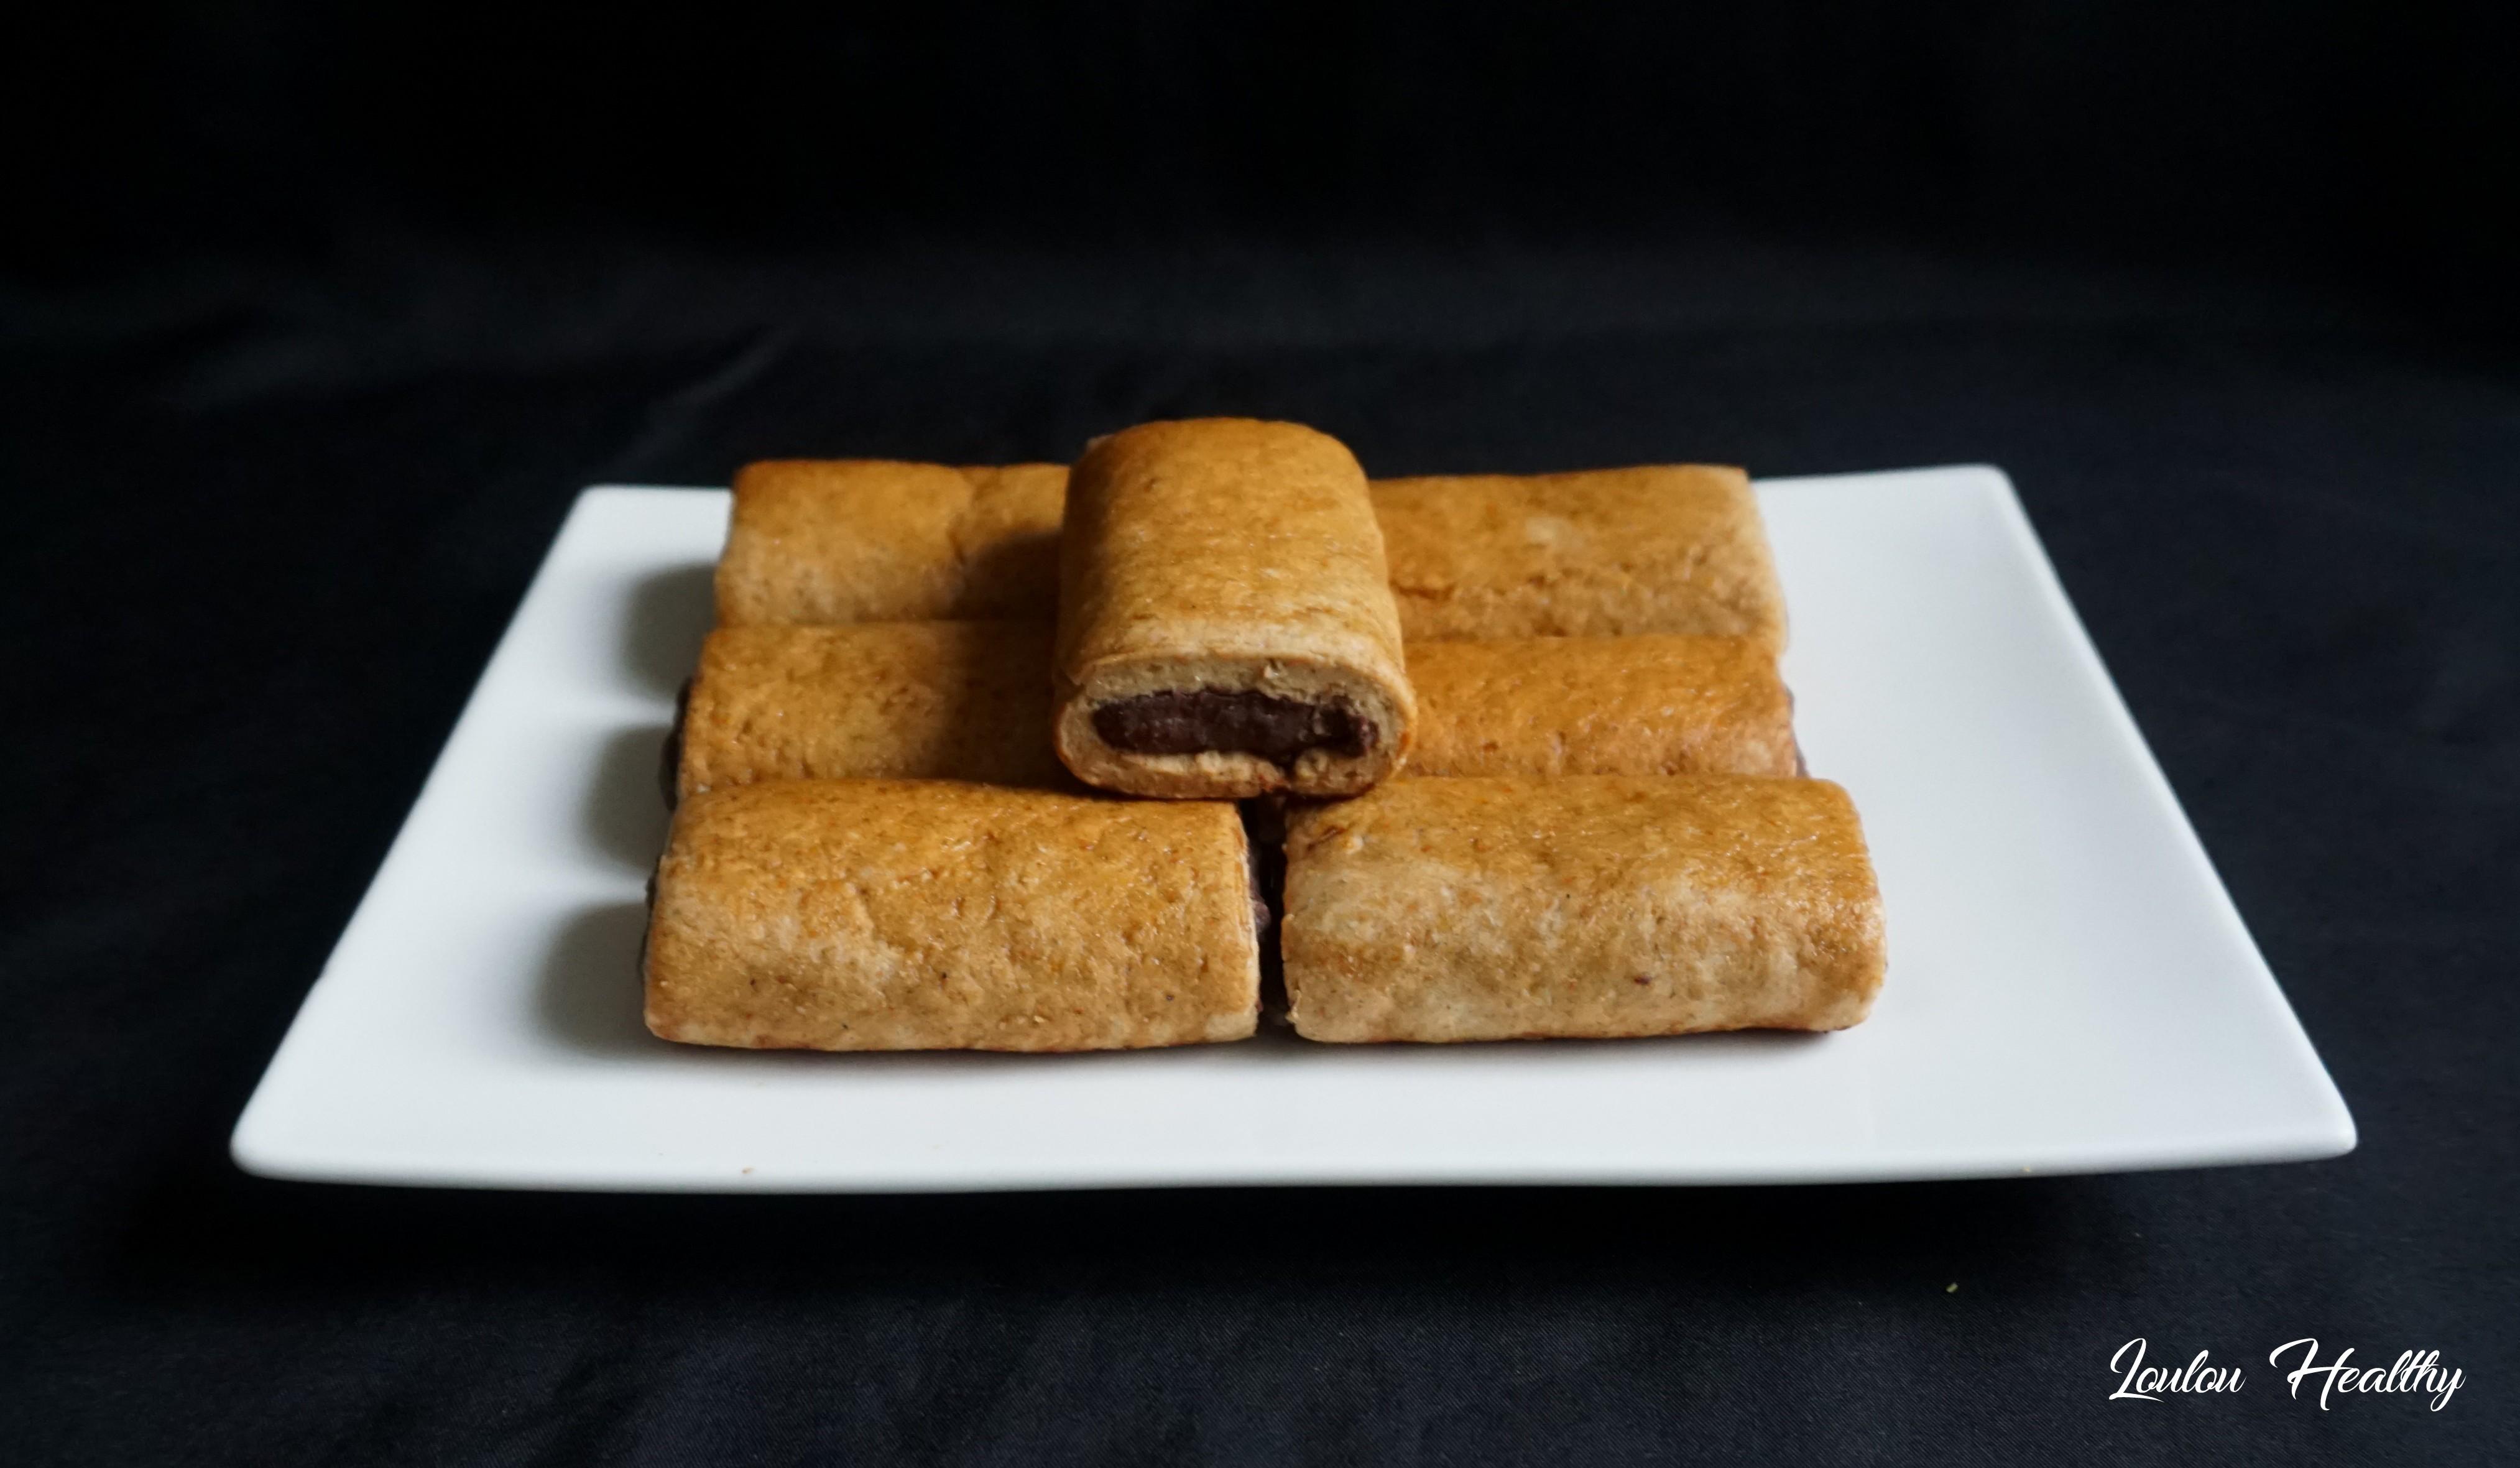 biscuits fourrés peanut butter, cacao façon Kangoo